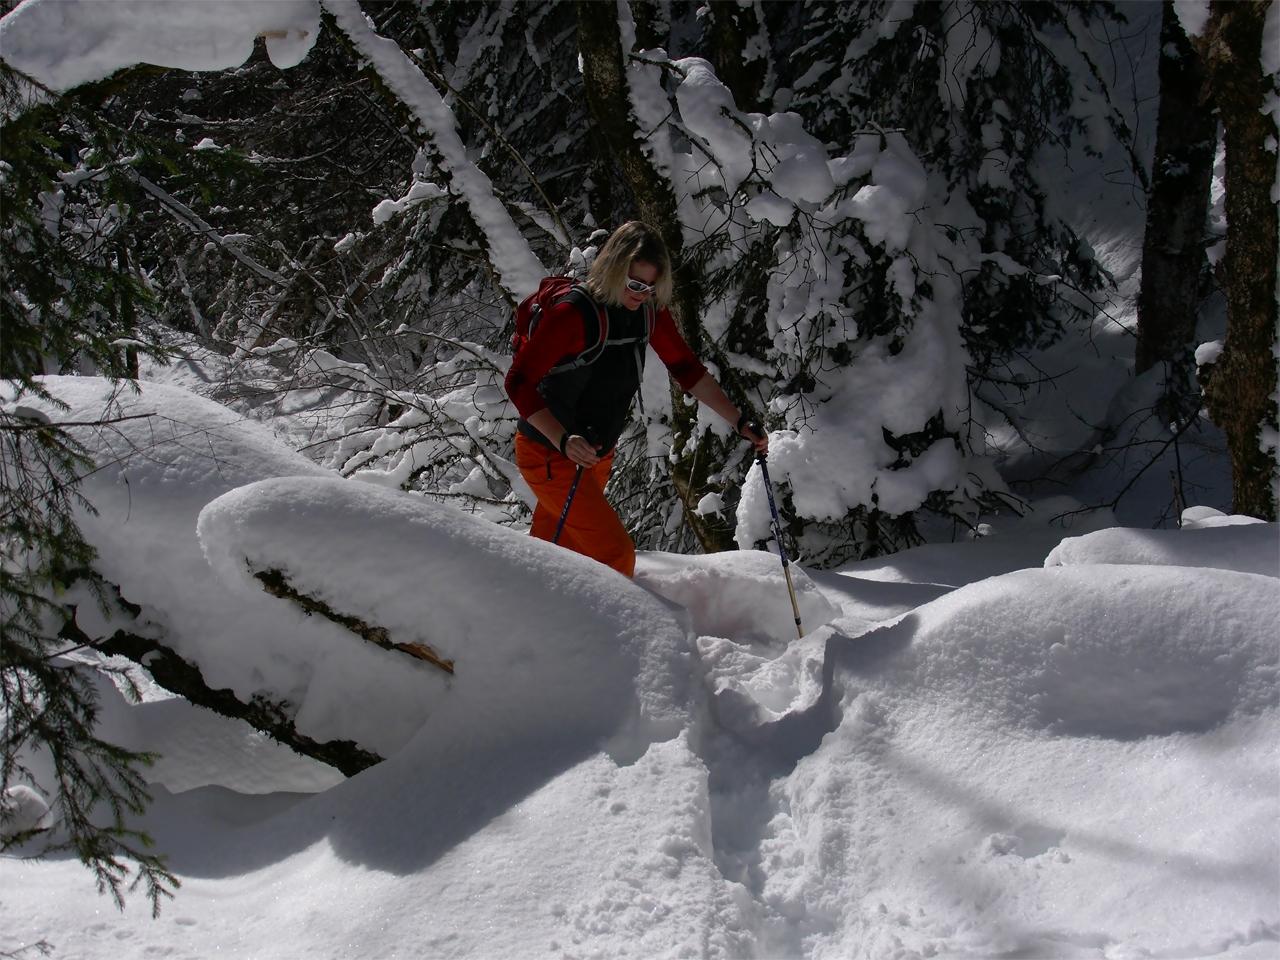 Activiteiten - Sneeuwwandelen diepe sneeuw